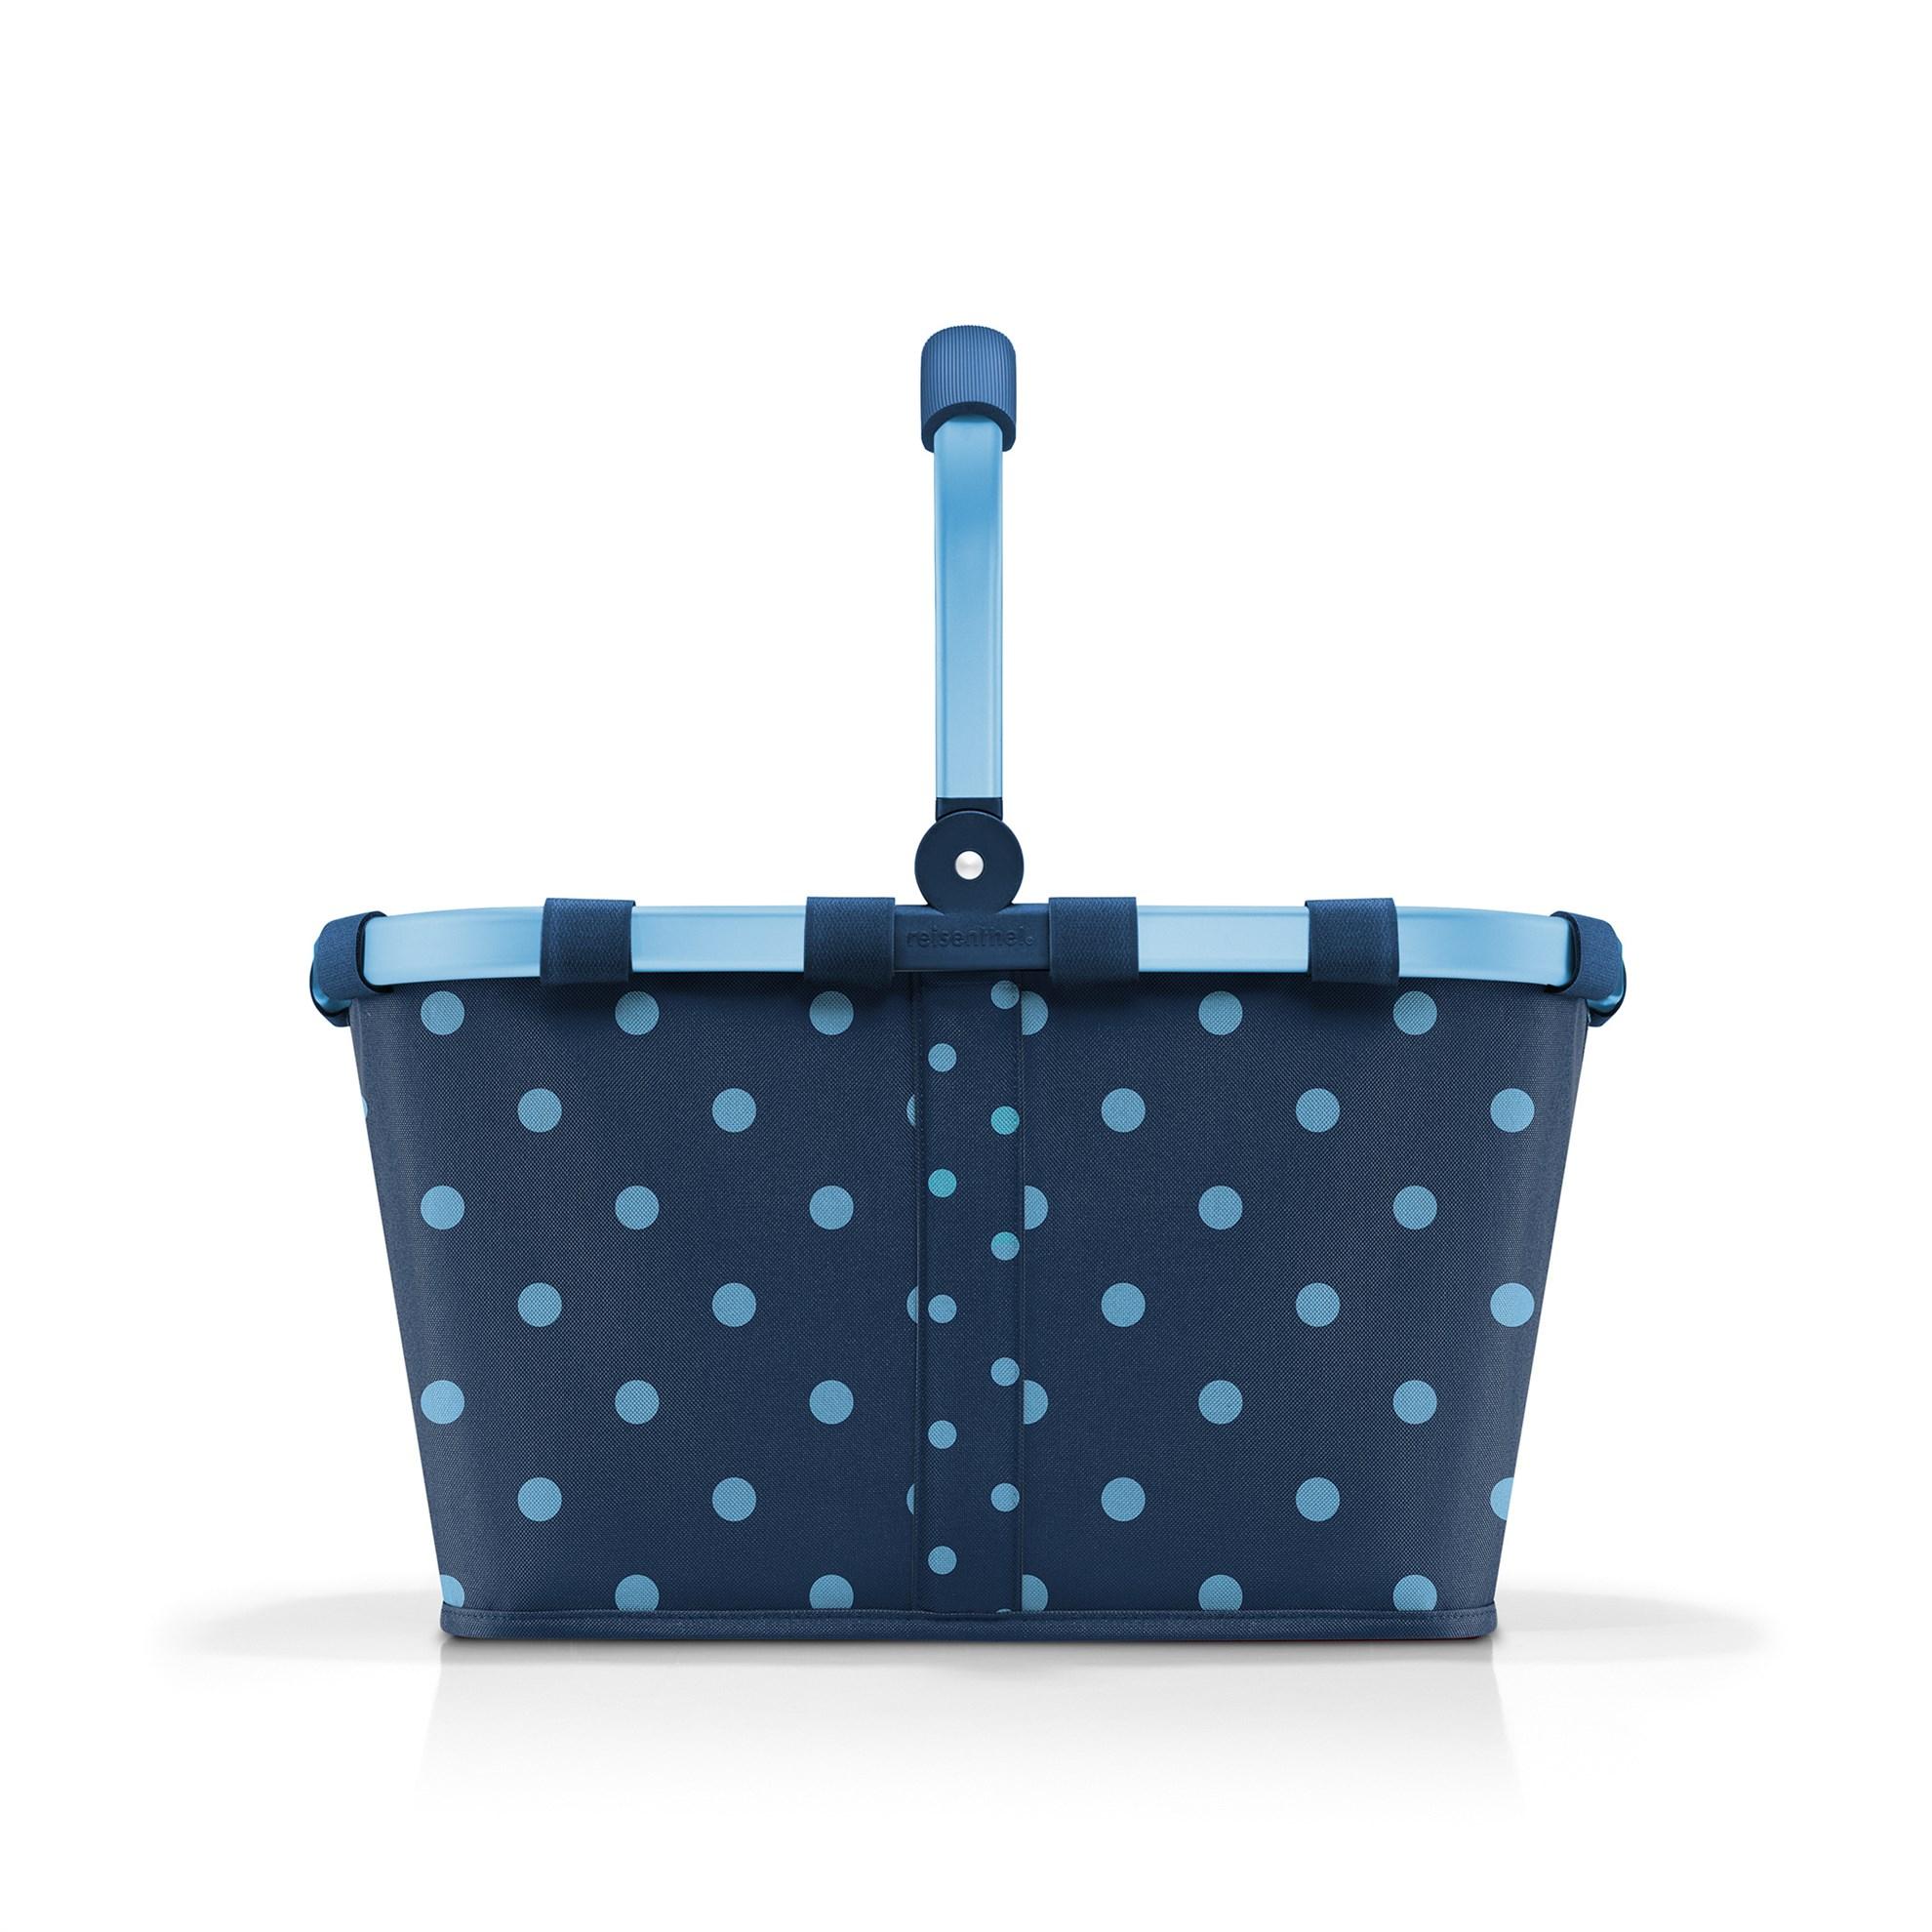 Nákupní košík Carrybag frame mixed dots blue_0